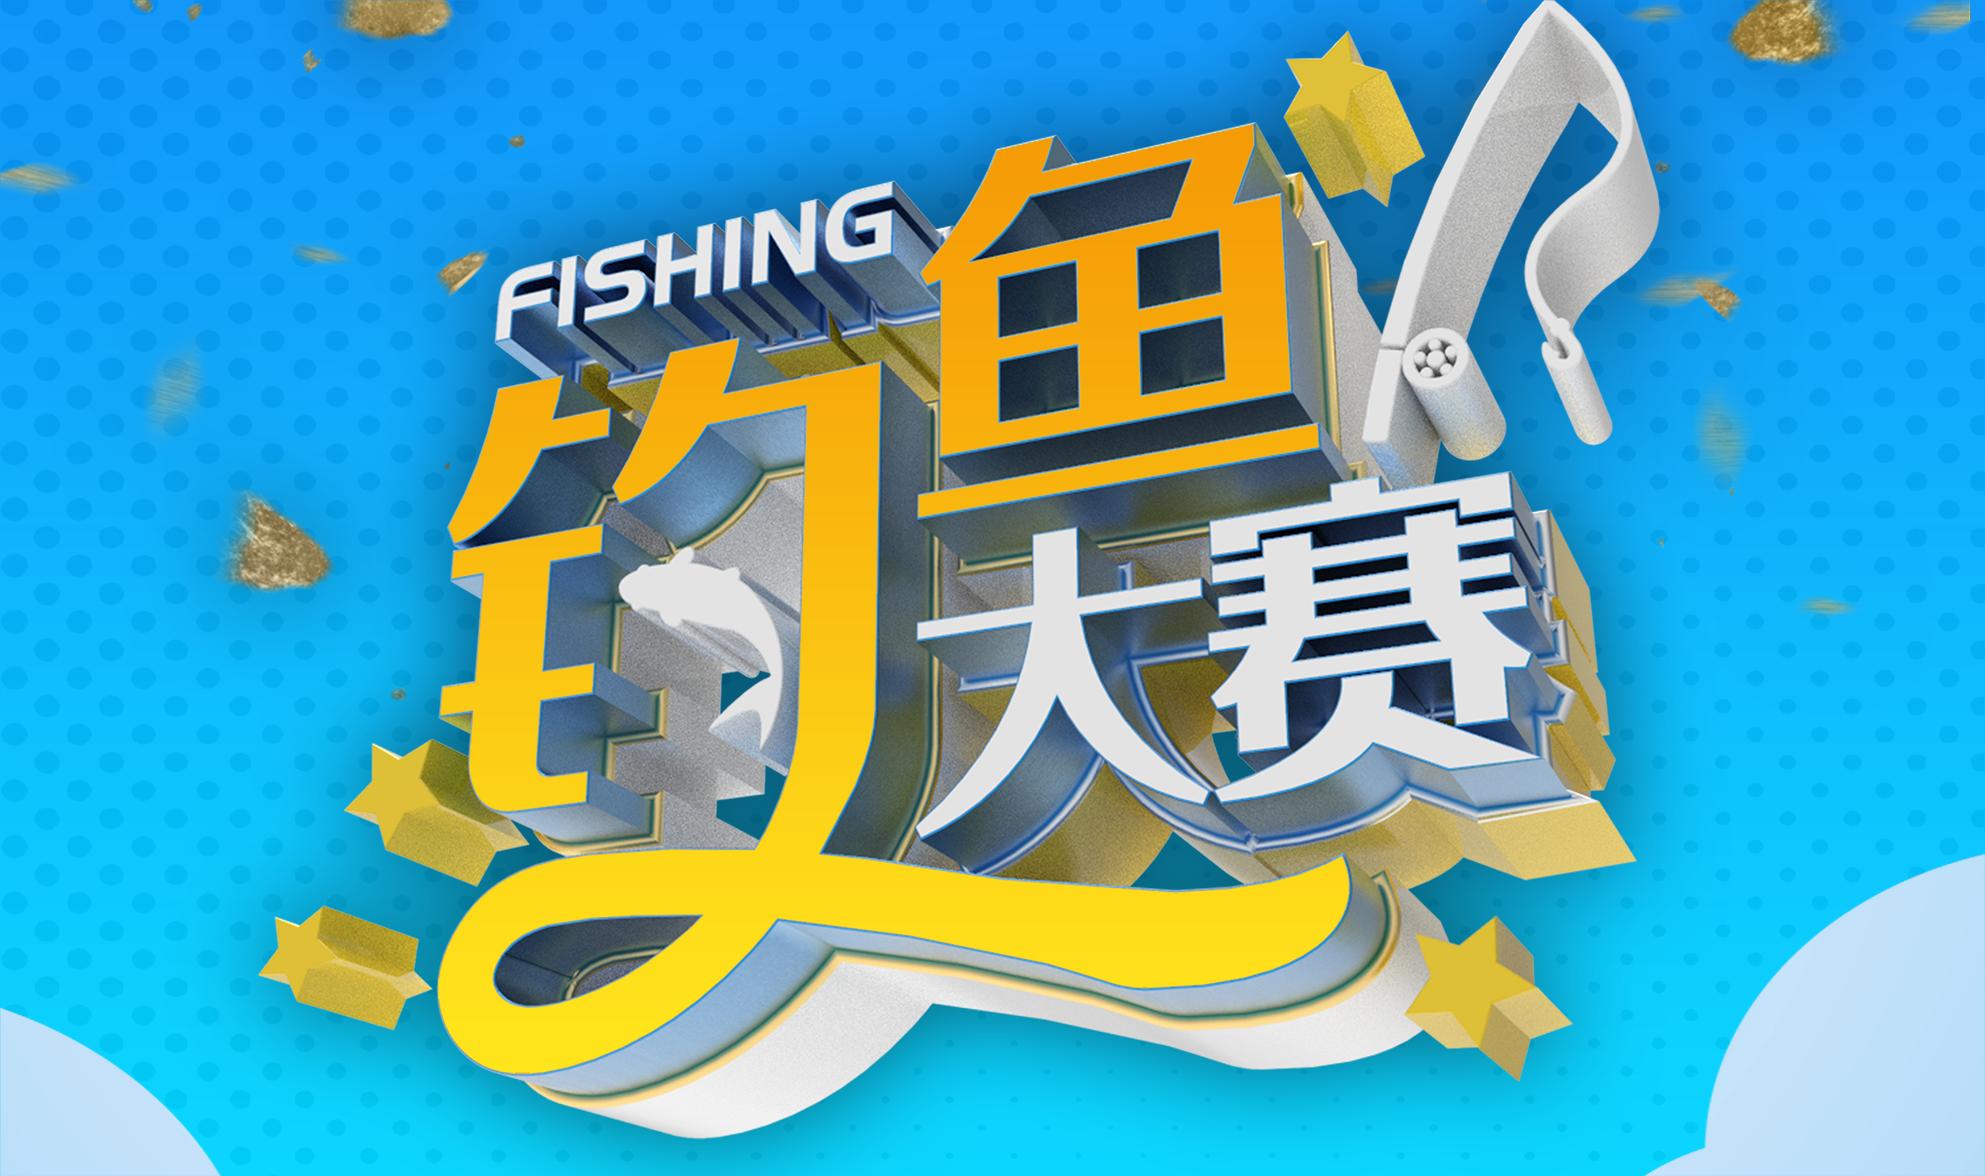 工会活动钓鱼比赛|2021年上海职工钓鱼团体赛开始报名啦!